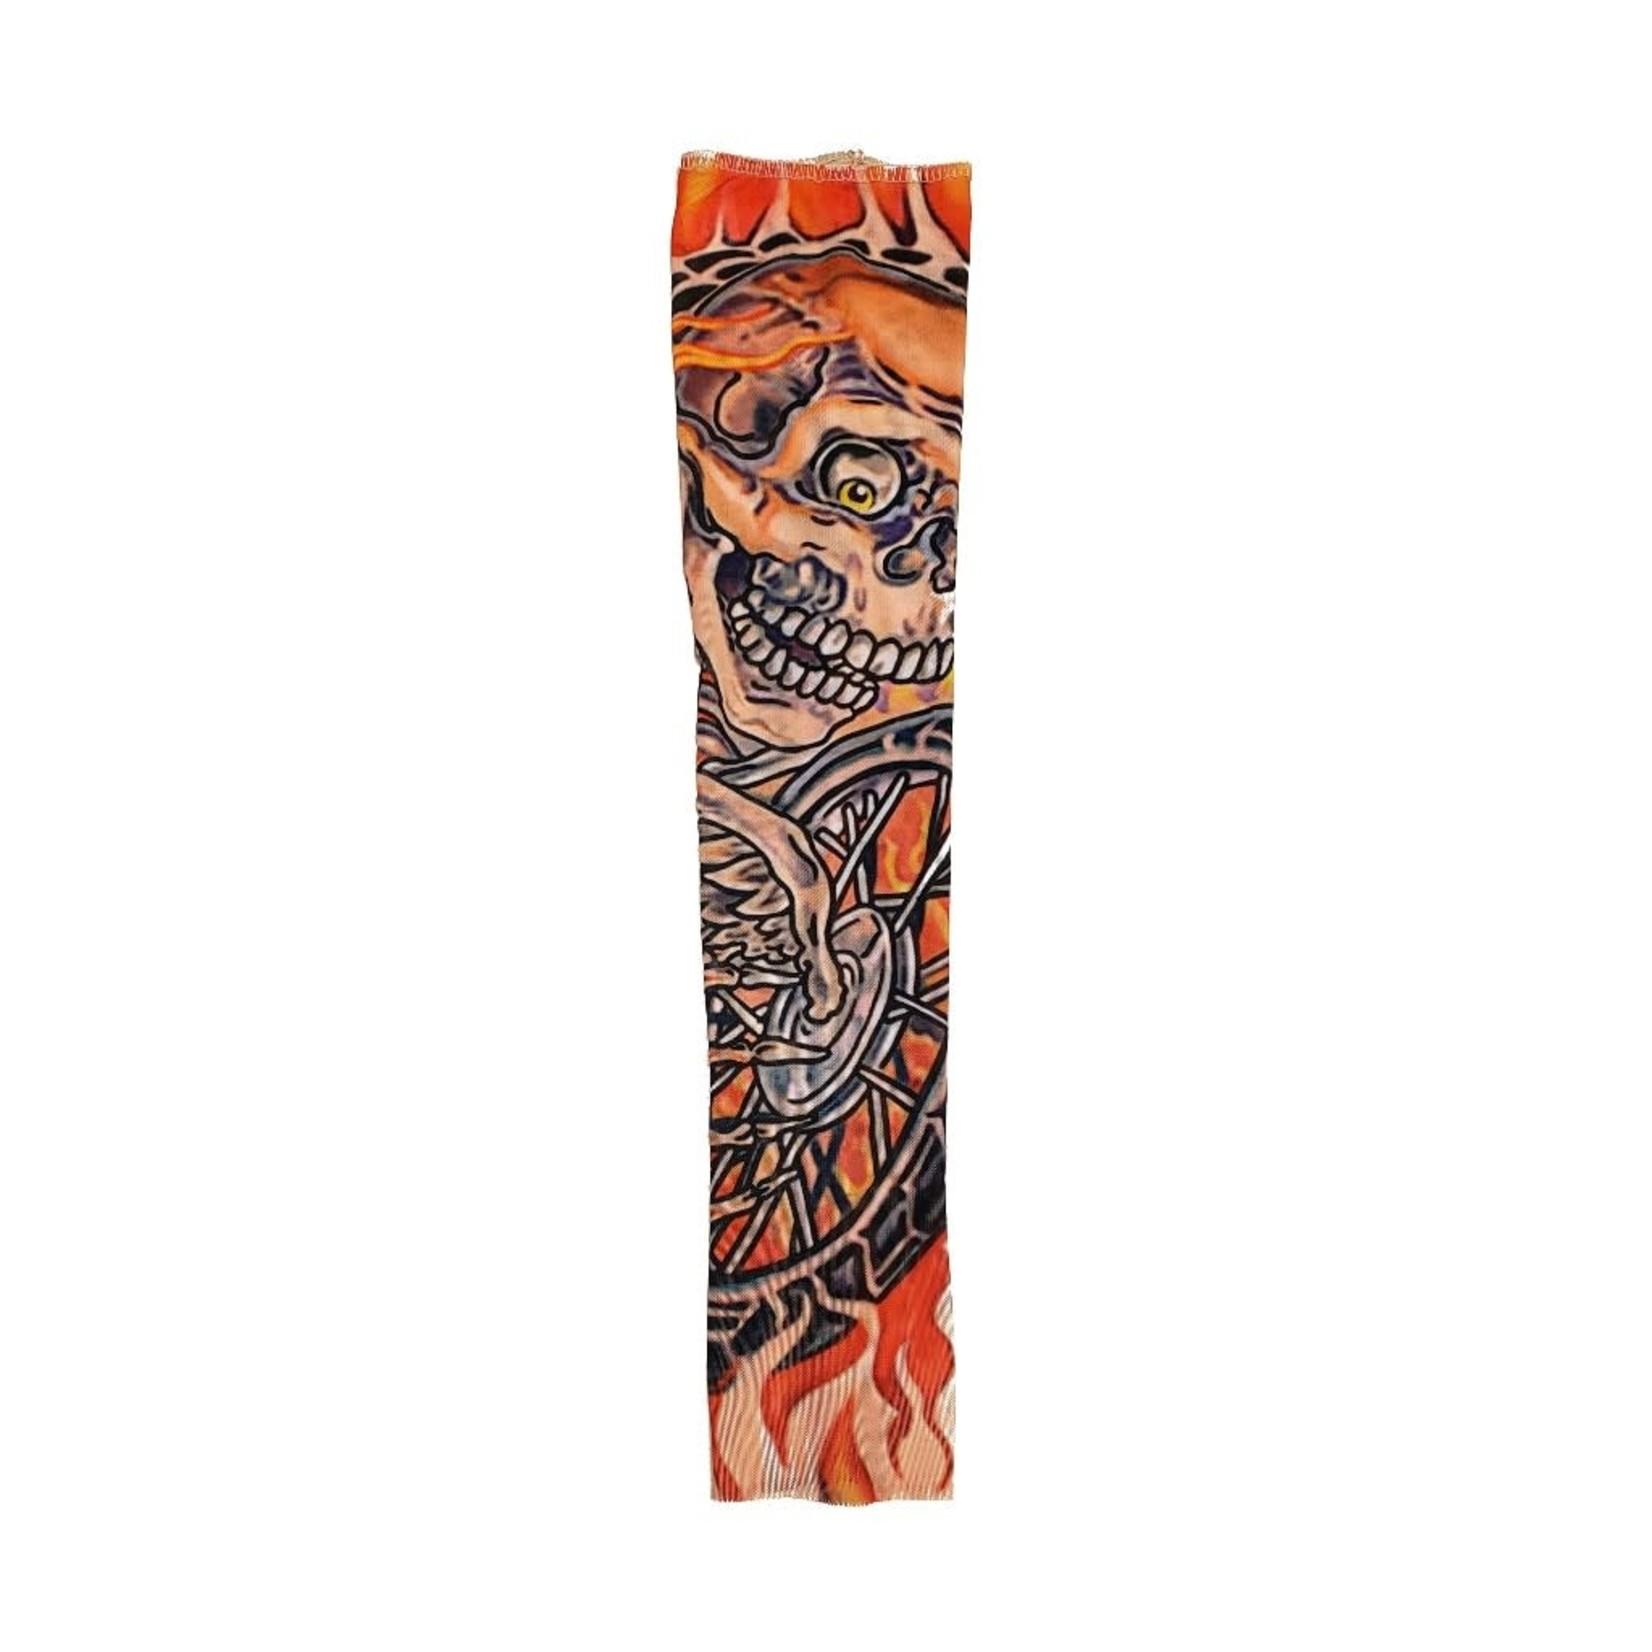 Tito Tattoo Sleeves